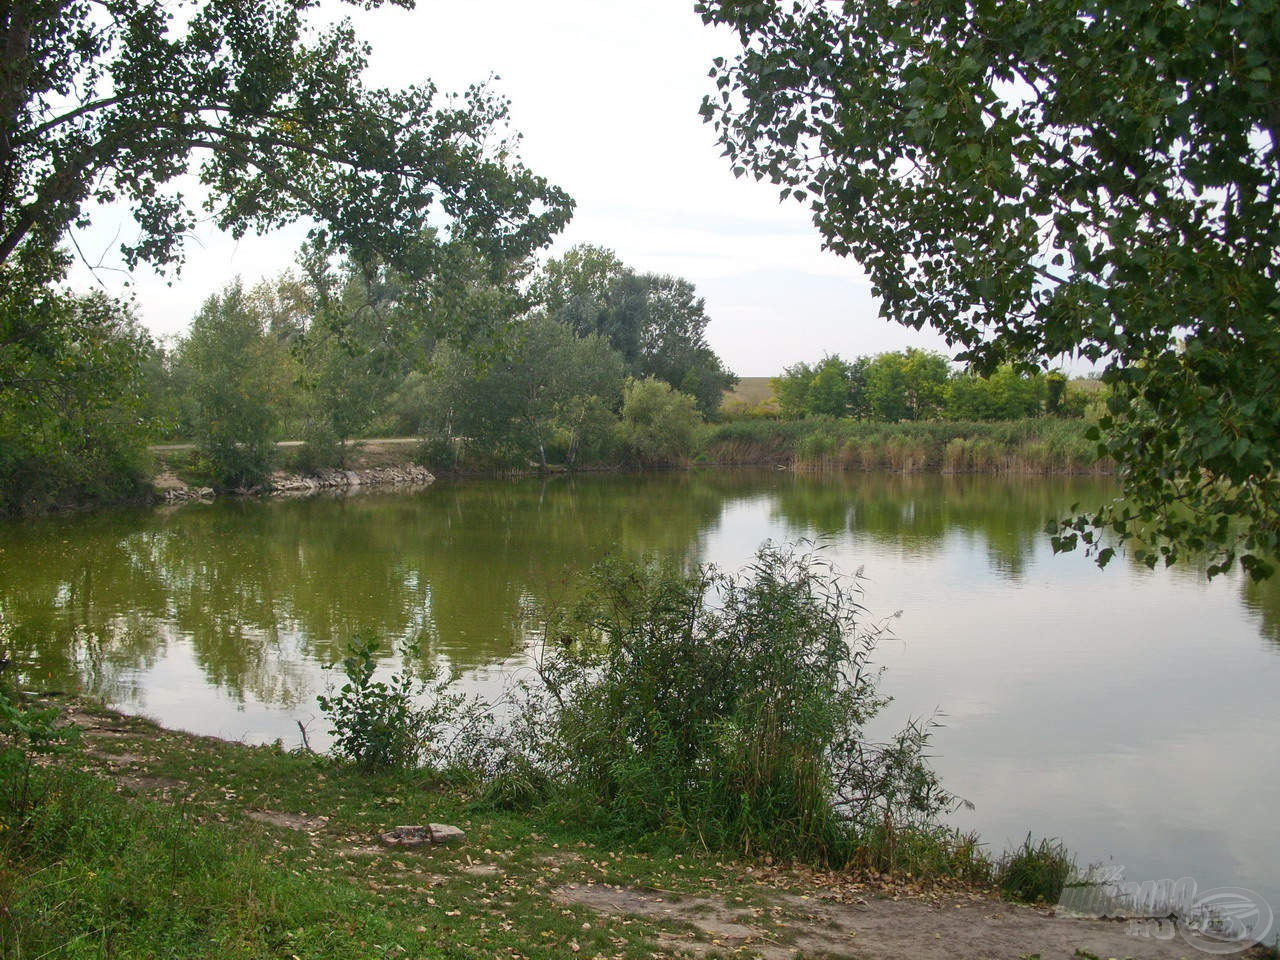 Két keskeny szakasz is található a tónál, ezek közül a bal oldali kis öböl igen népszerű a horgászok körében